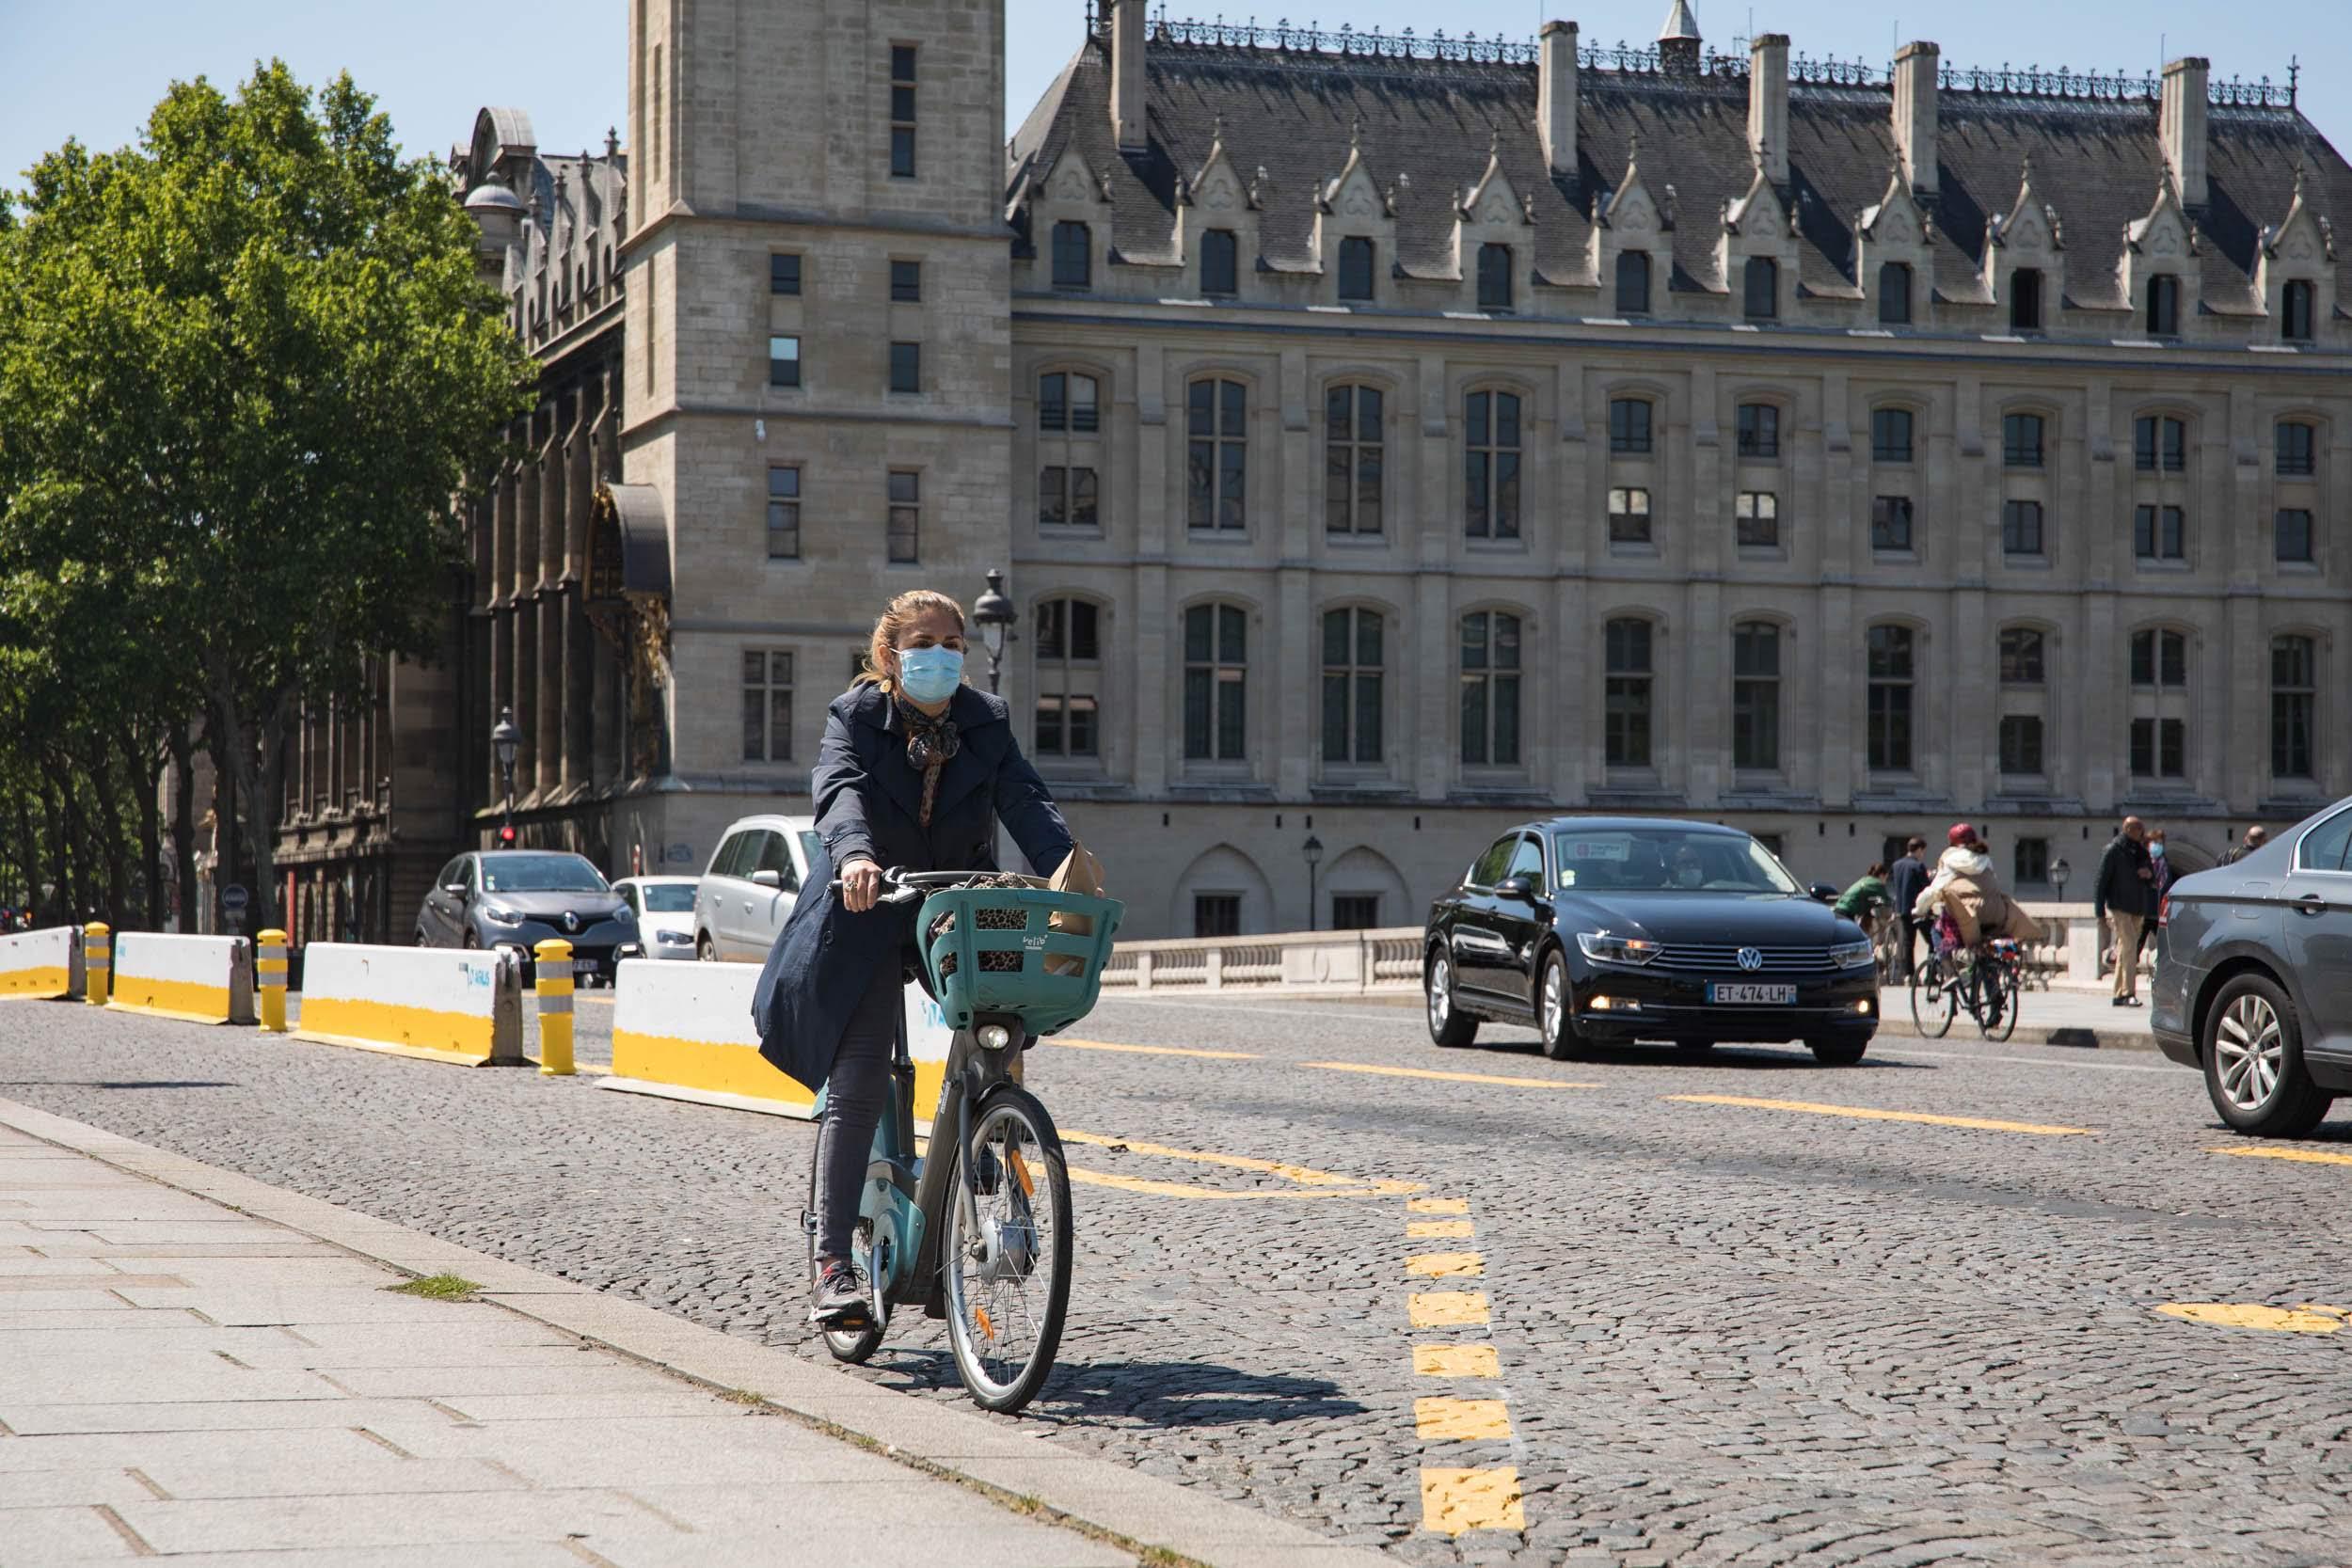 Cycliste en vélib portant un masque de protection